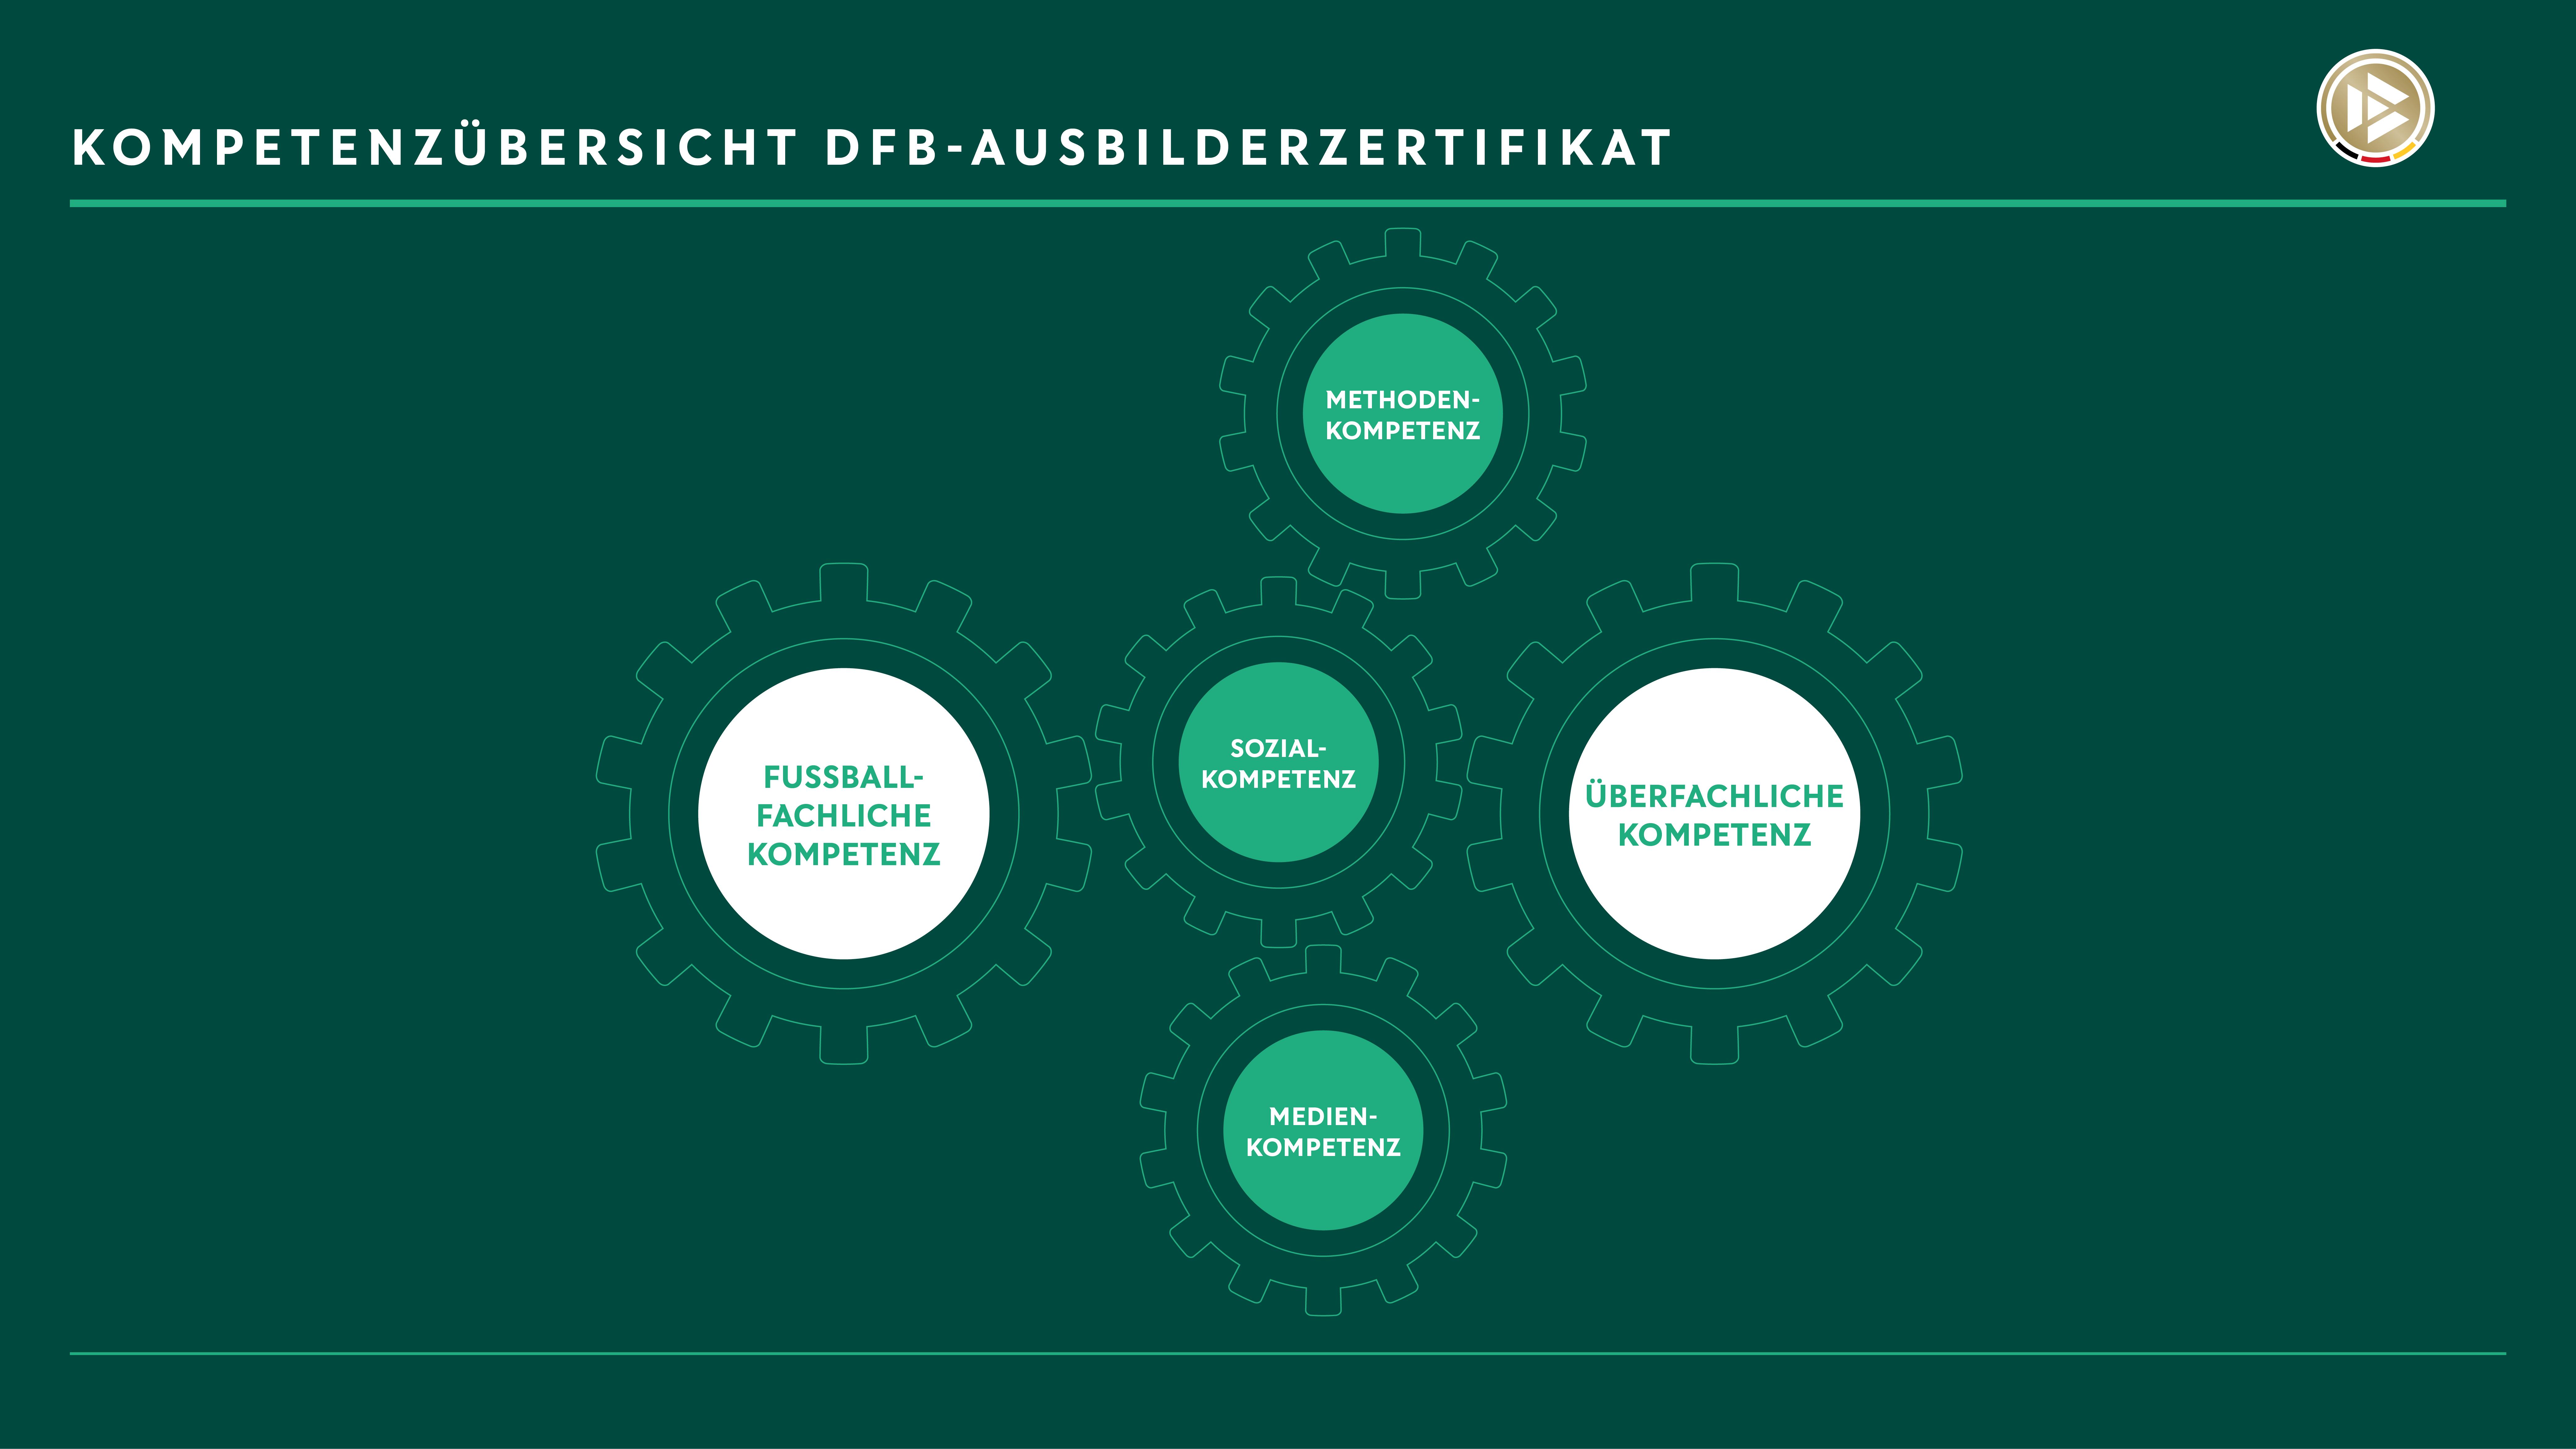 Darstellung der Kompetenzen, die mit dem DFB-Ausbilderzertifikat stärker miteinander verzahnt werden sollen.